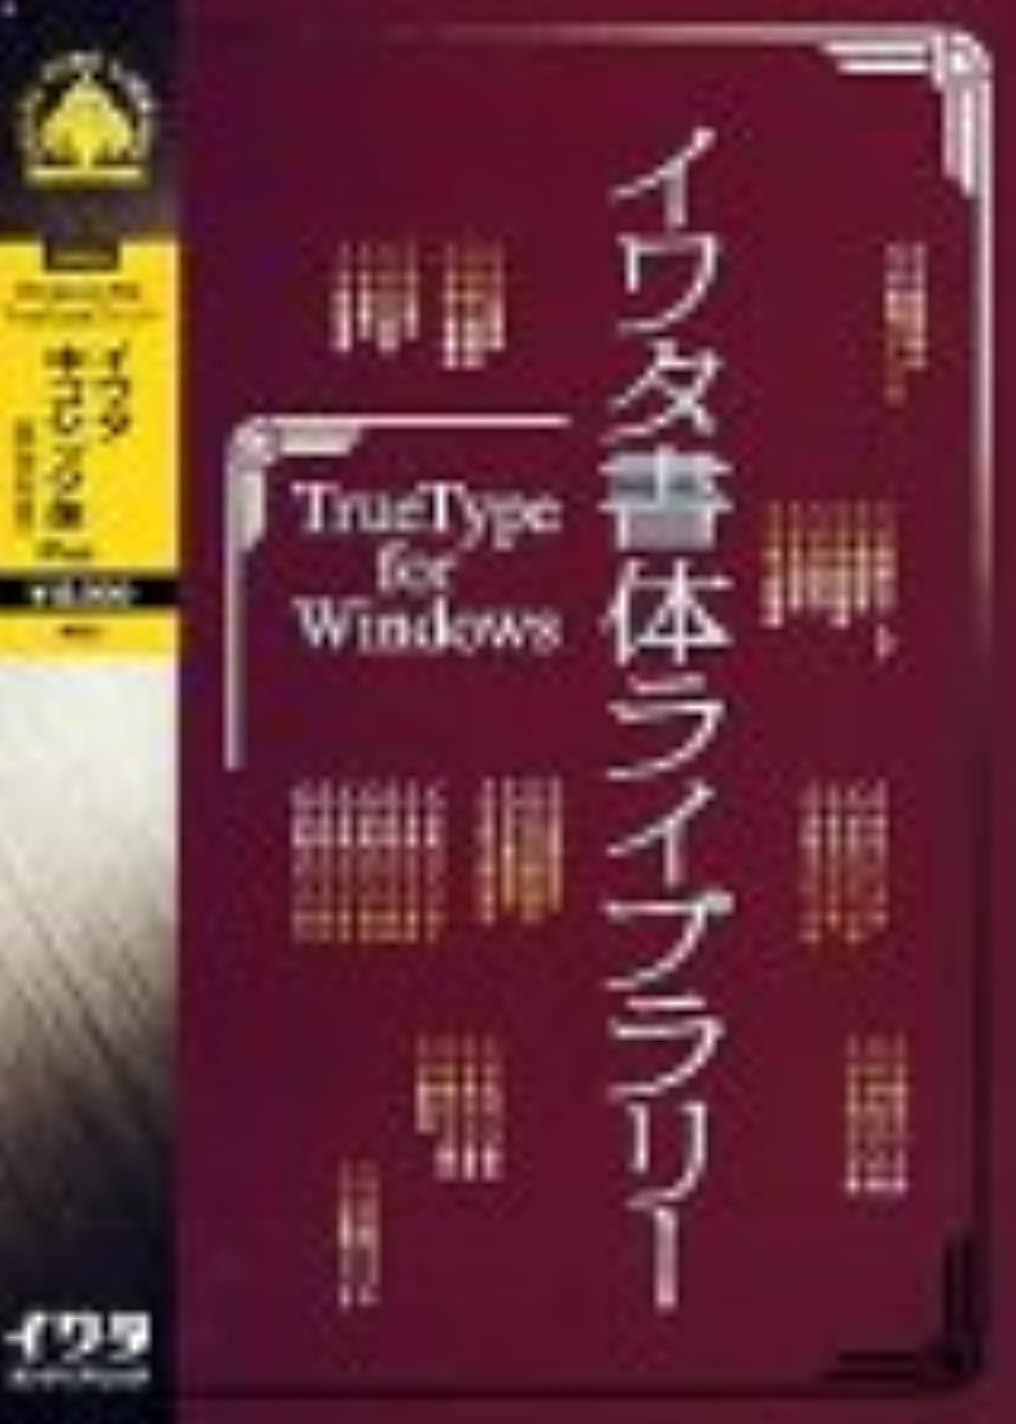 外科医融合バリケードイワタ書体ライブラリー TrueType Font for Windows イワタ中ゴシック体Plus 外字付き